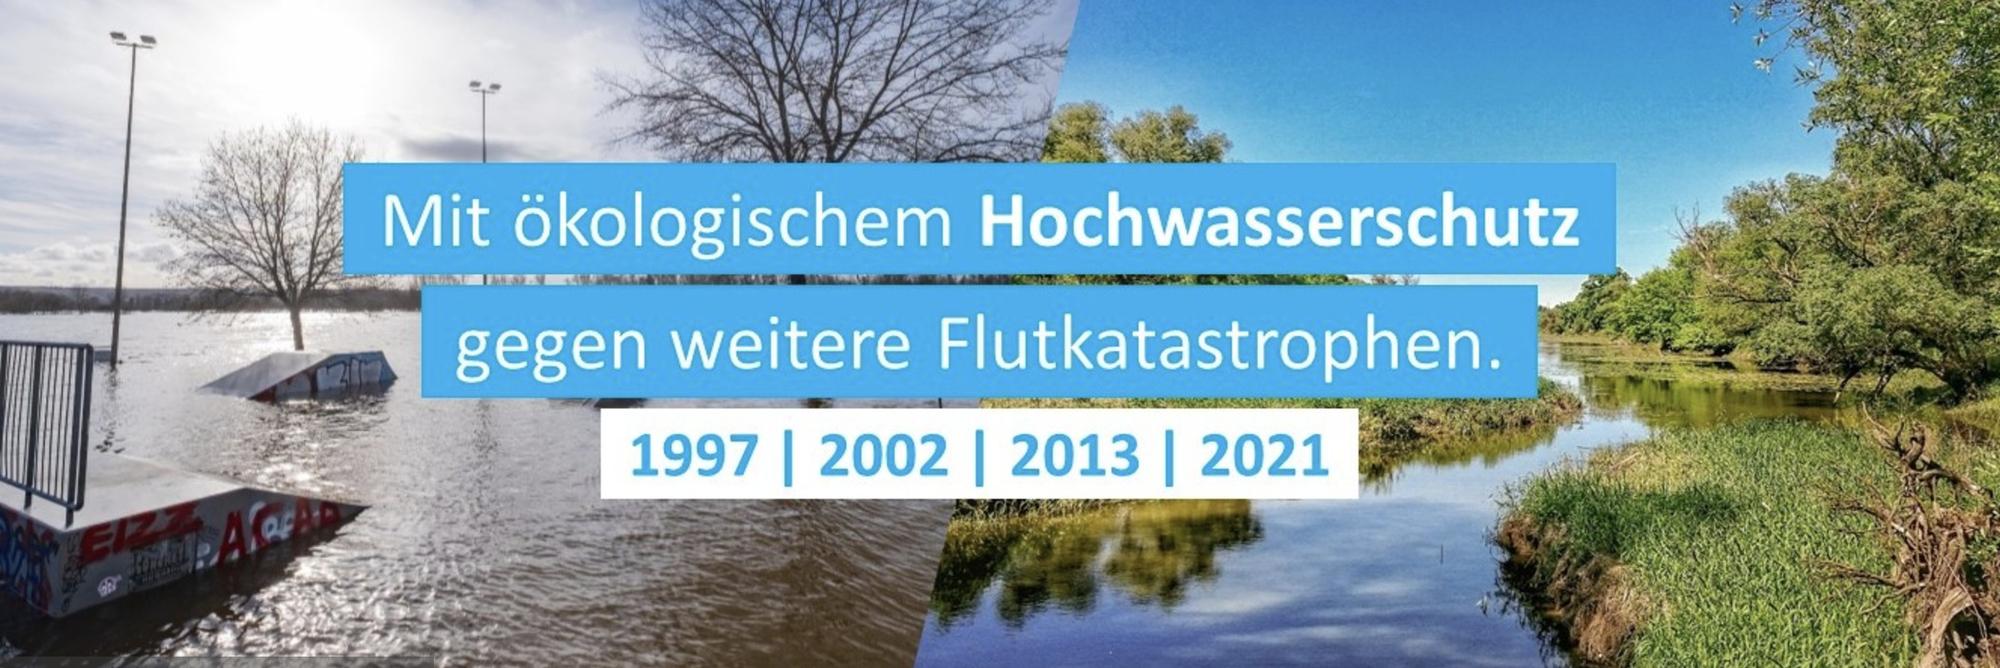 Hochwasserschutz und Wiederaufbau